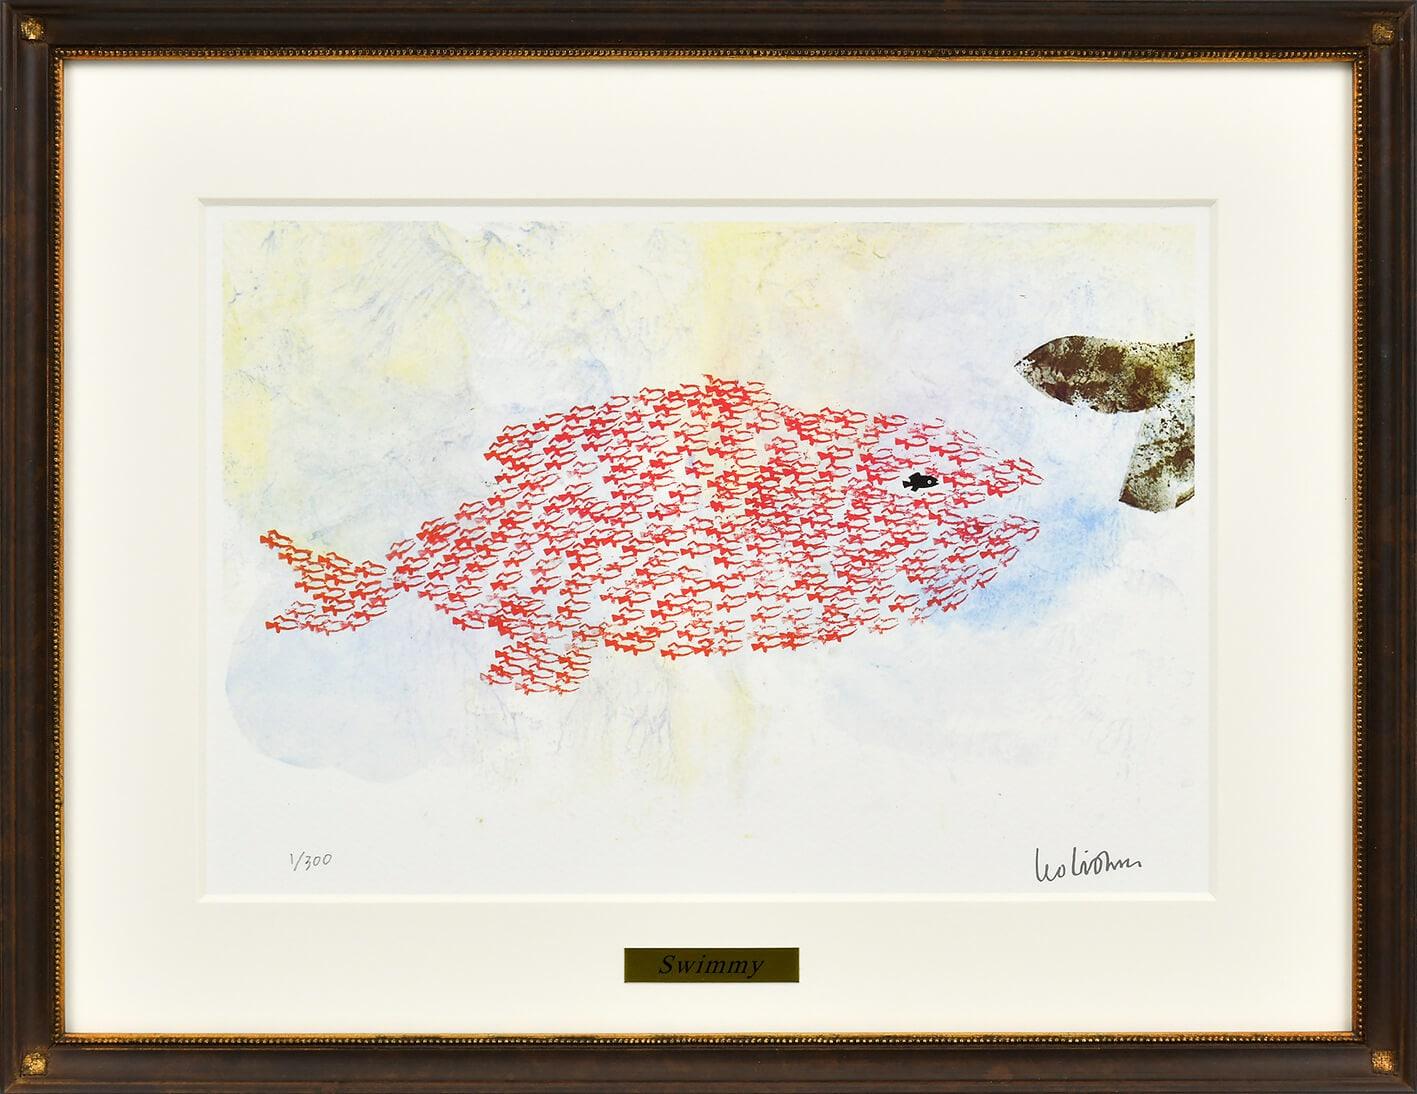 レオ・レオニ 版画「スイミー3」の画像